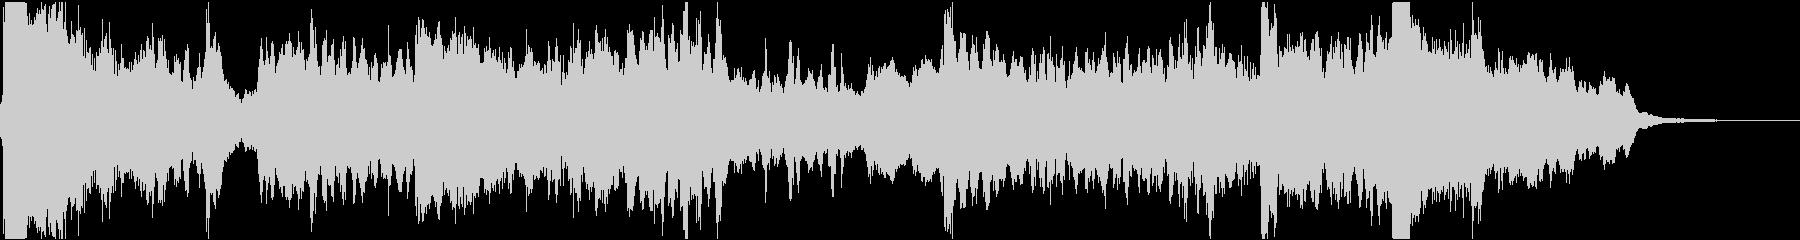 27秒・尺八、琴、弦楽器の静かなジングルの未再生の波形